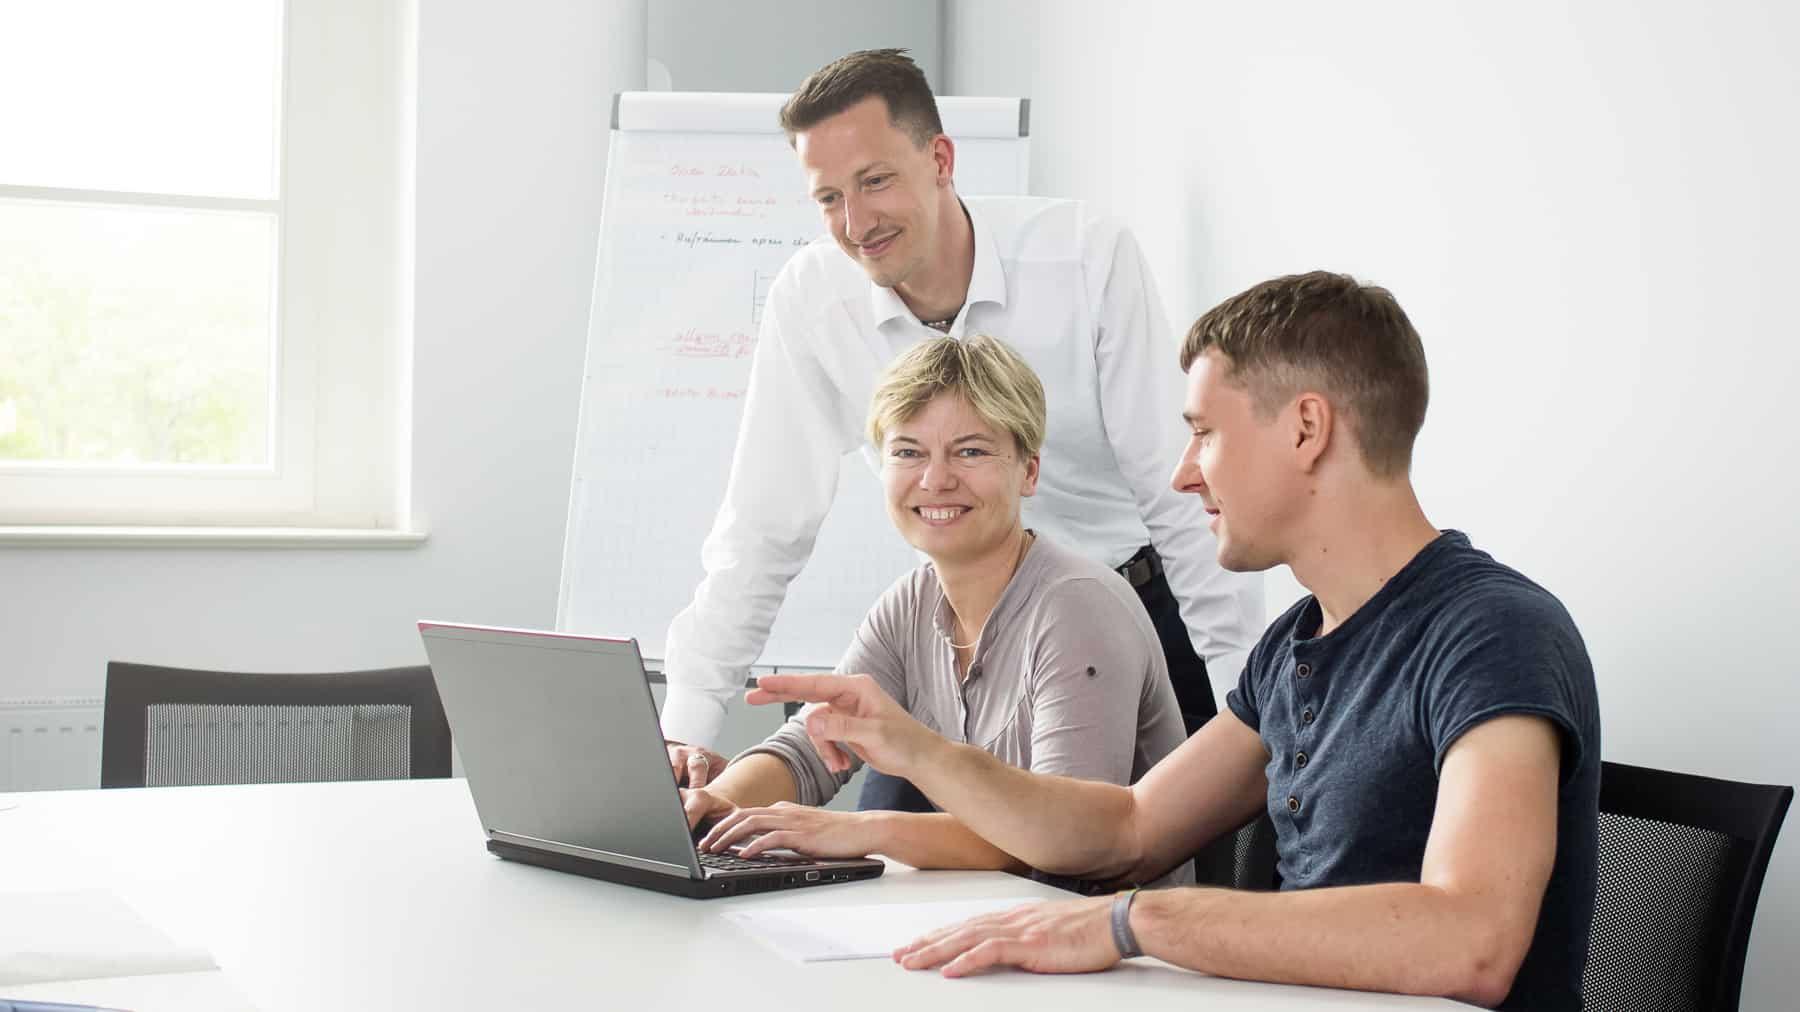 Mit unseren IT-Beratungsleistungen machen wir Sie fit für die Zukunft